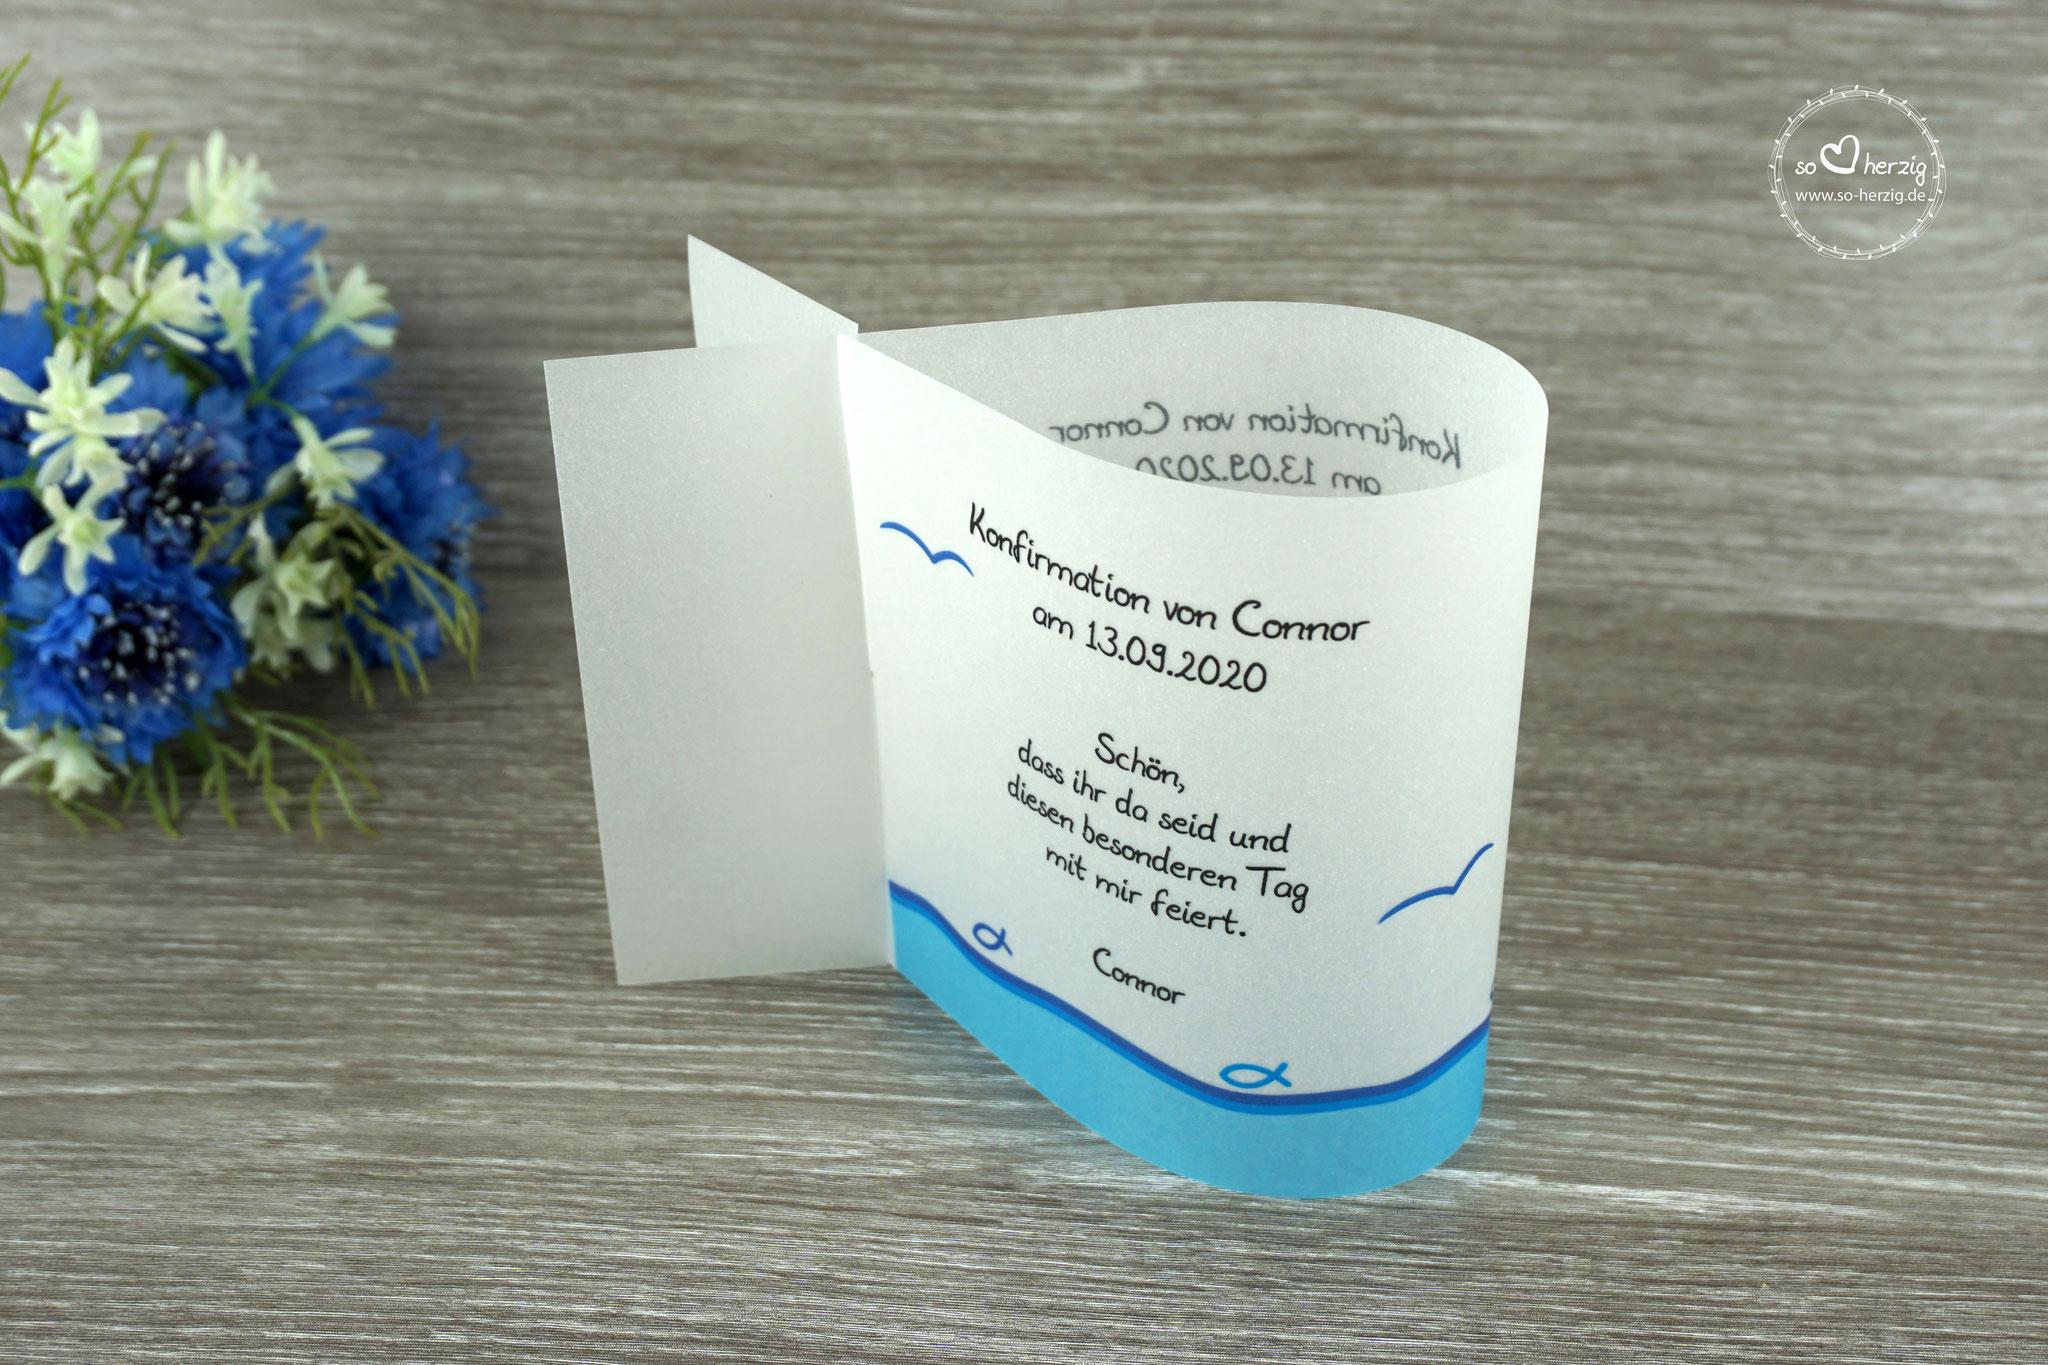 Menükarte Fischform, Design Fisch Silhouette Blau - Sonderwunsch Menükarte wird als Tischaufsteller benutzt